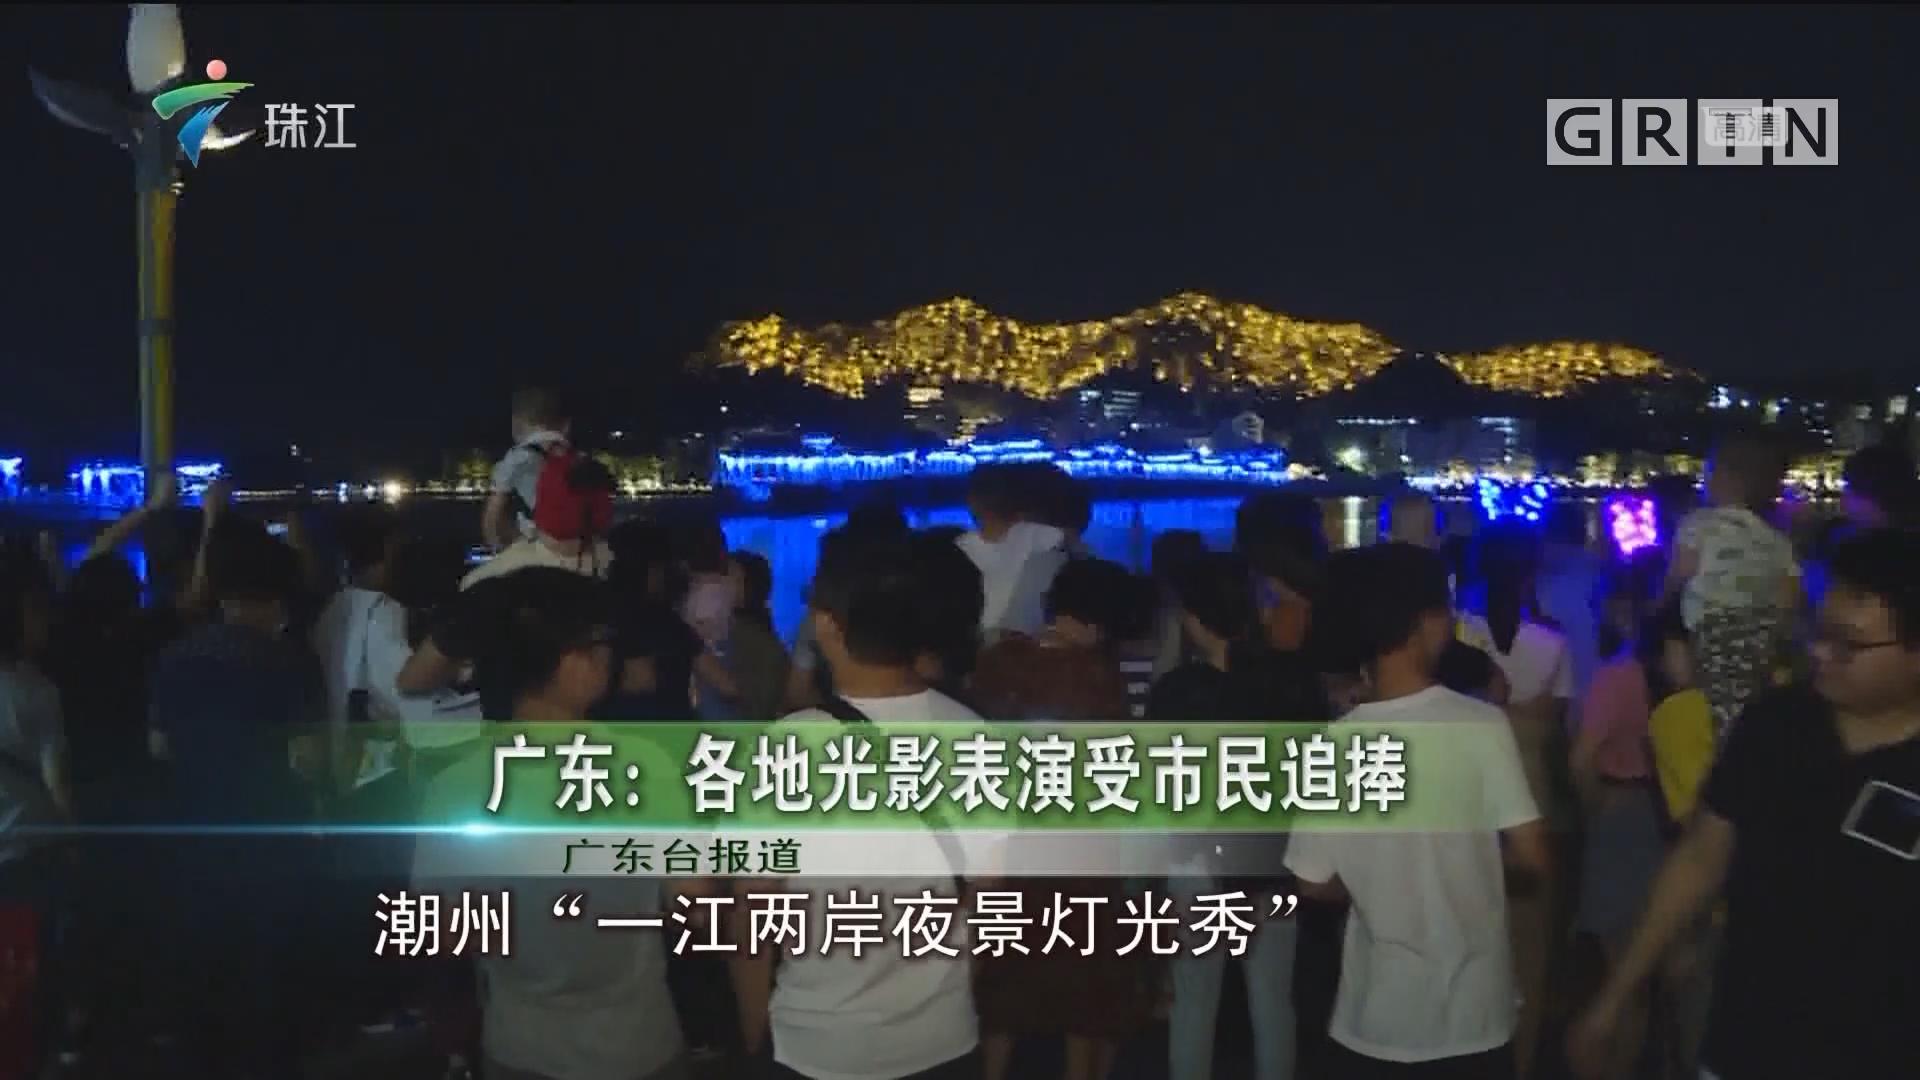 广东:各地光影表演受市民追捧